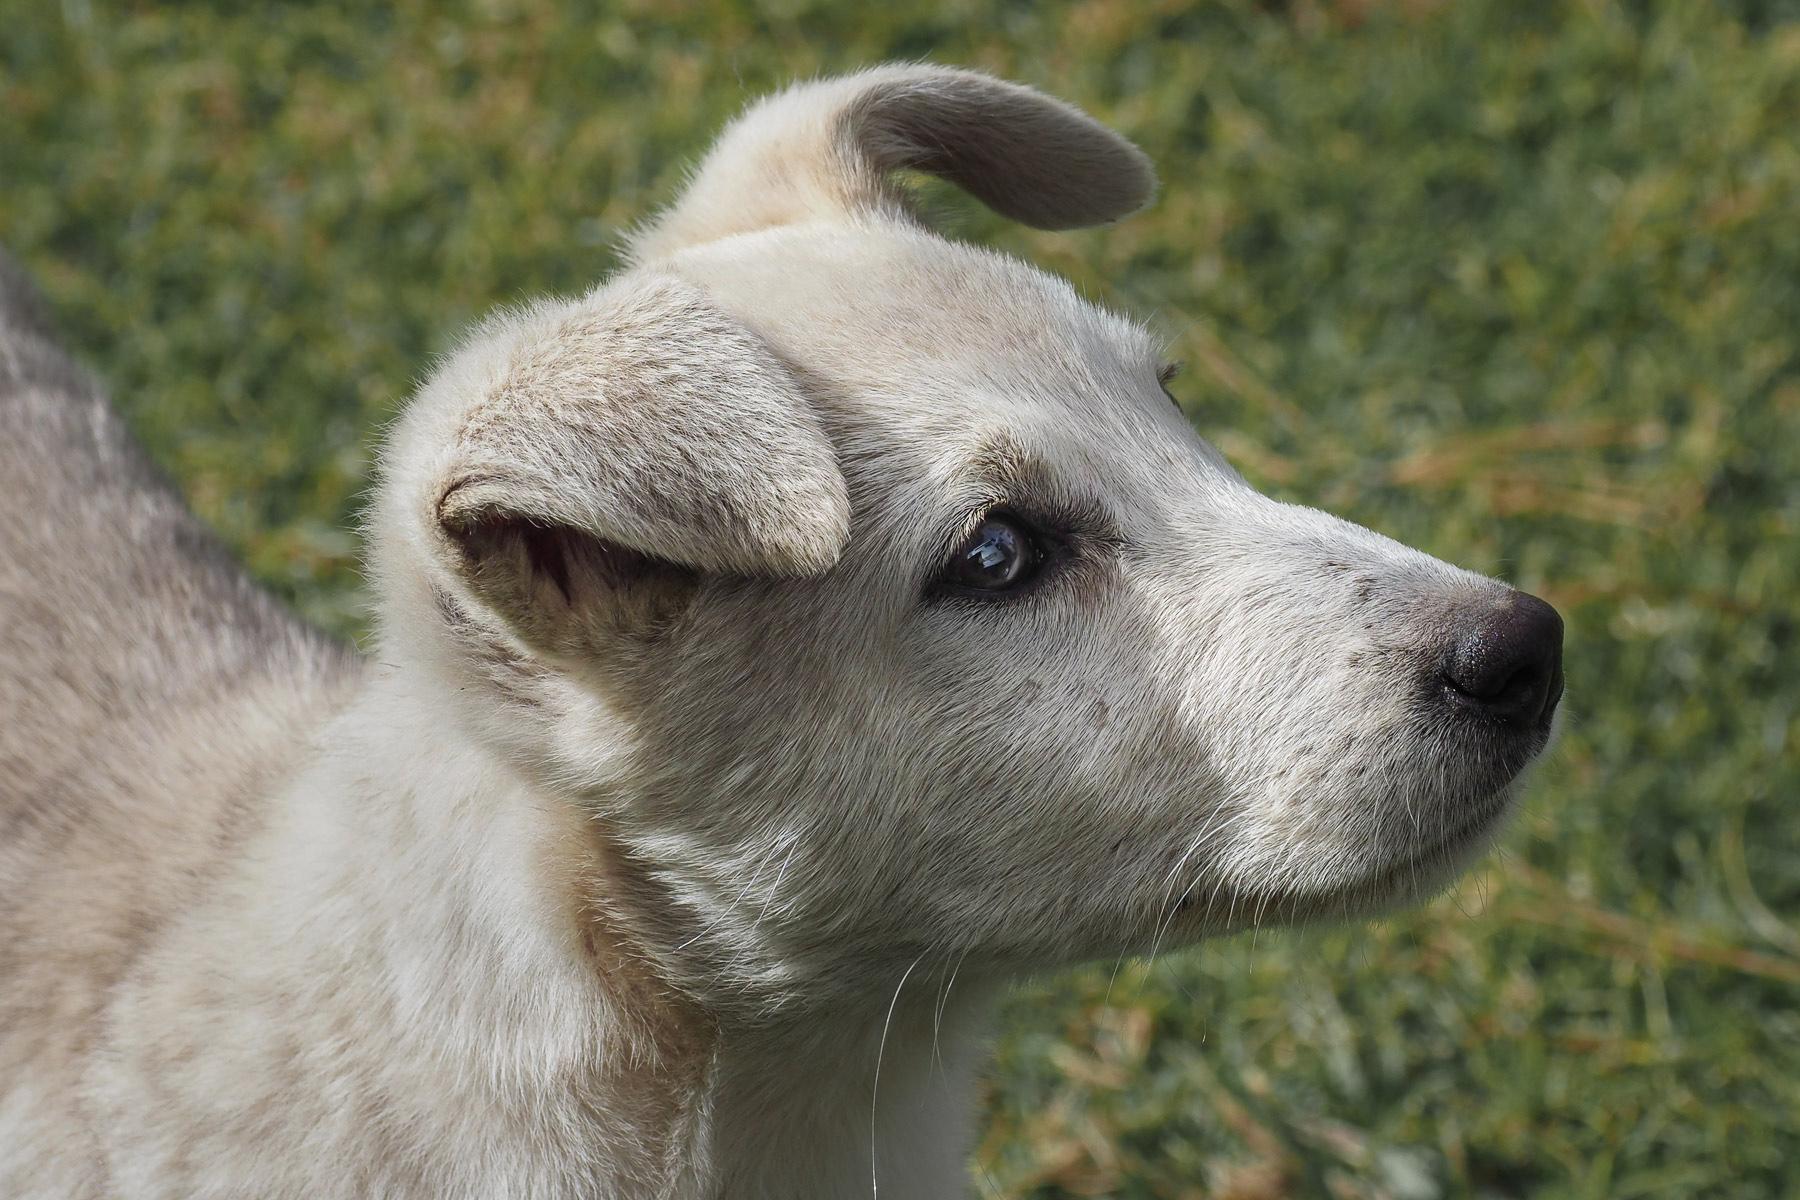 So ein süßes Kerlchen. Armer kleiner Strassenhund.